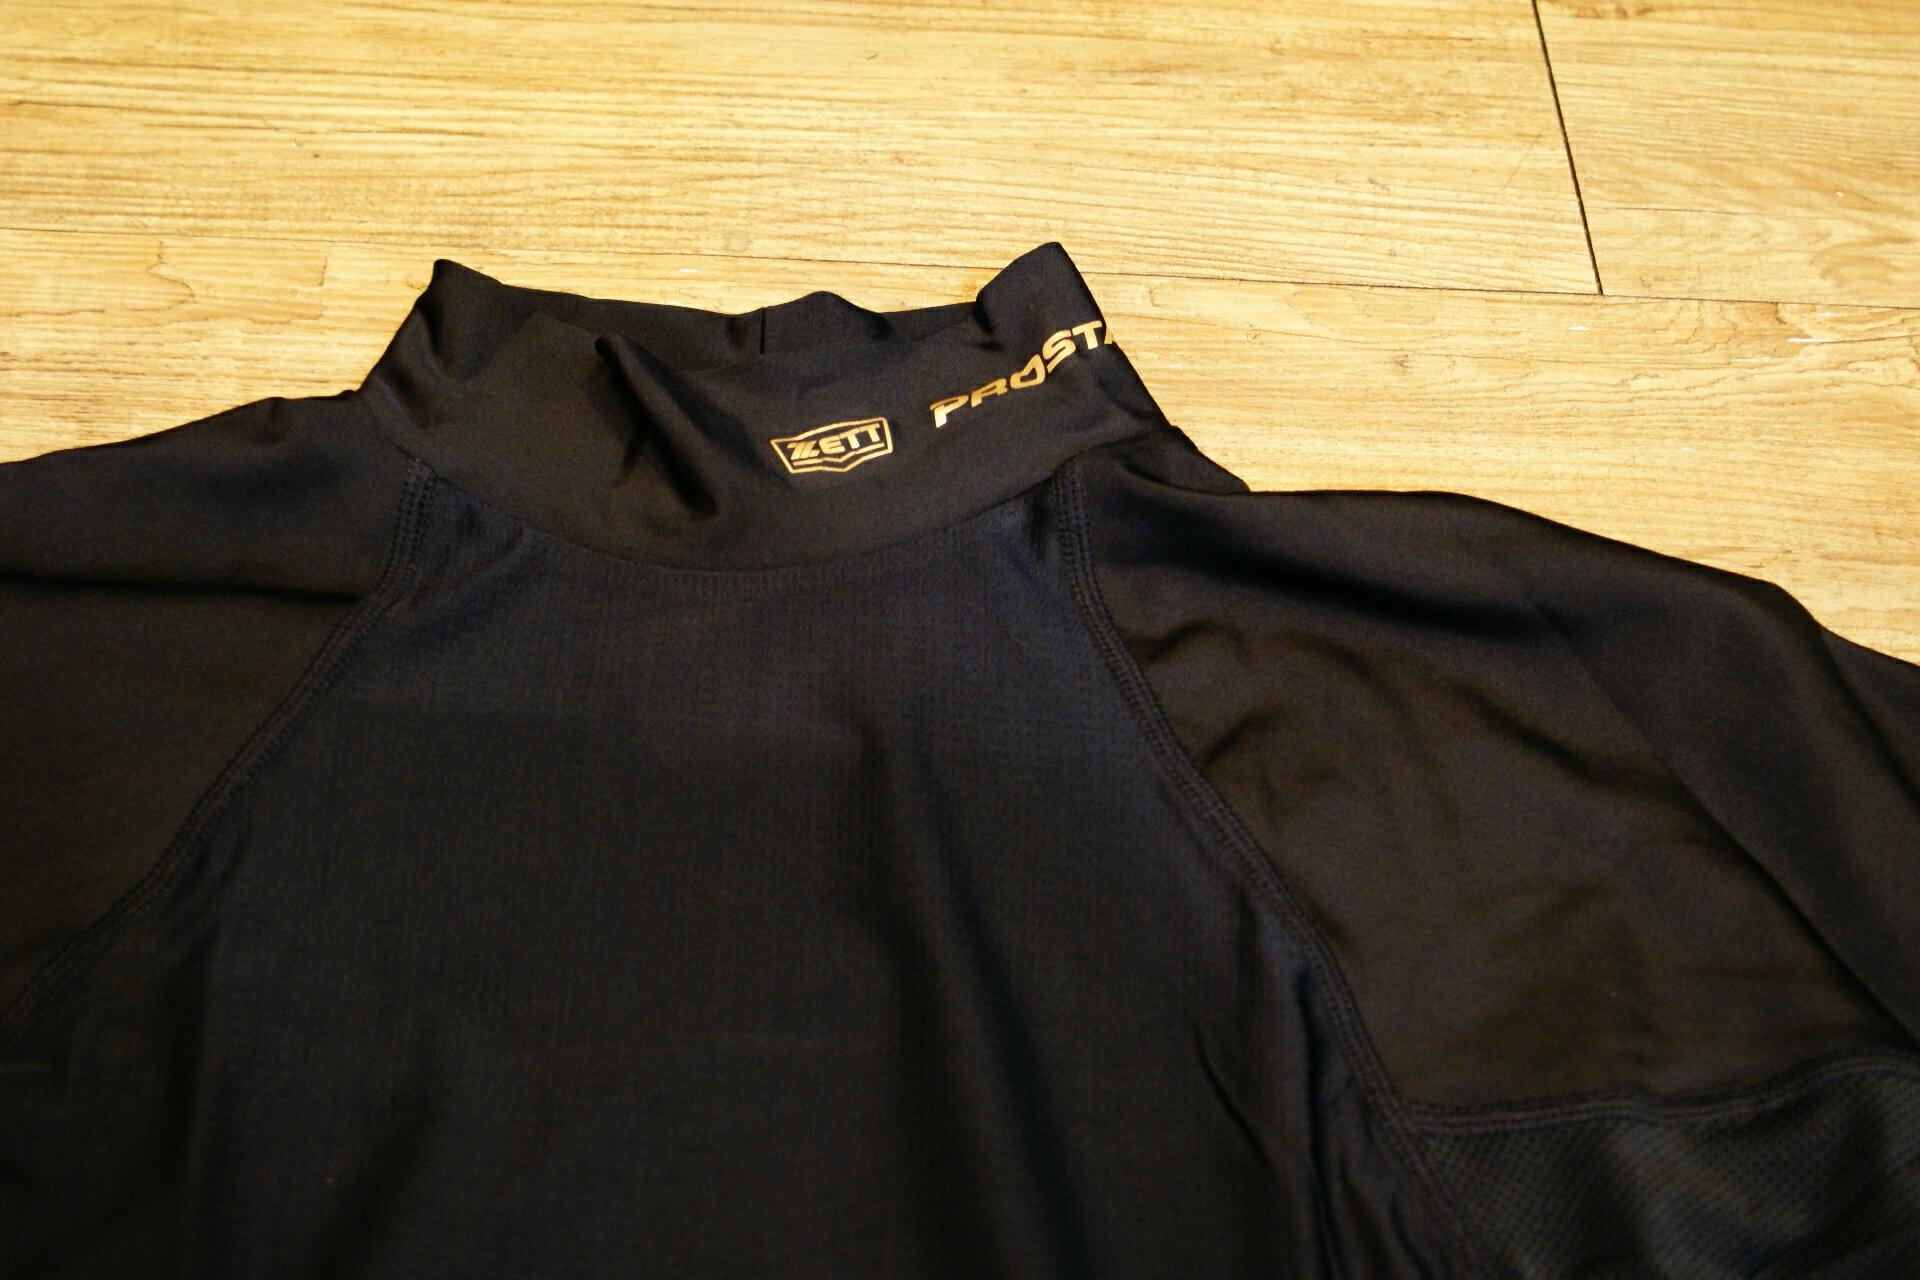 棒球世界 全新ZETT日本進口緊身衣 特價 新本壘版標 黑色